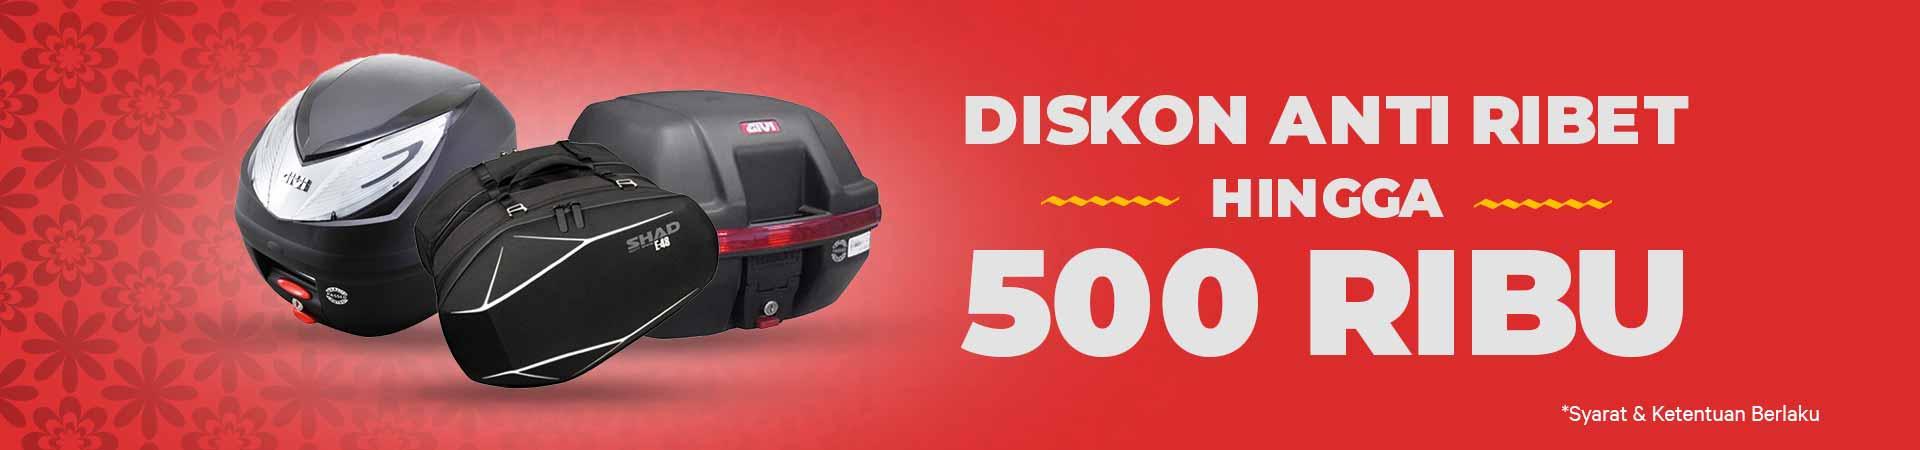 Promo Box Motor - Anti Ribet Pakai Box Motor Baru Dari Moladdin